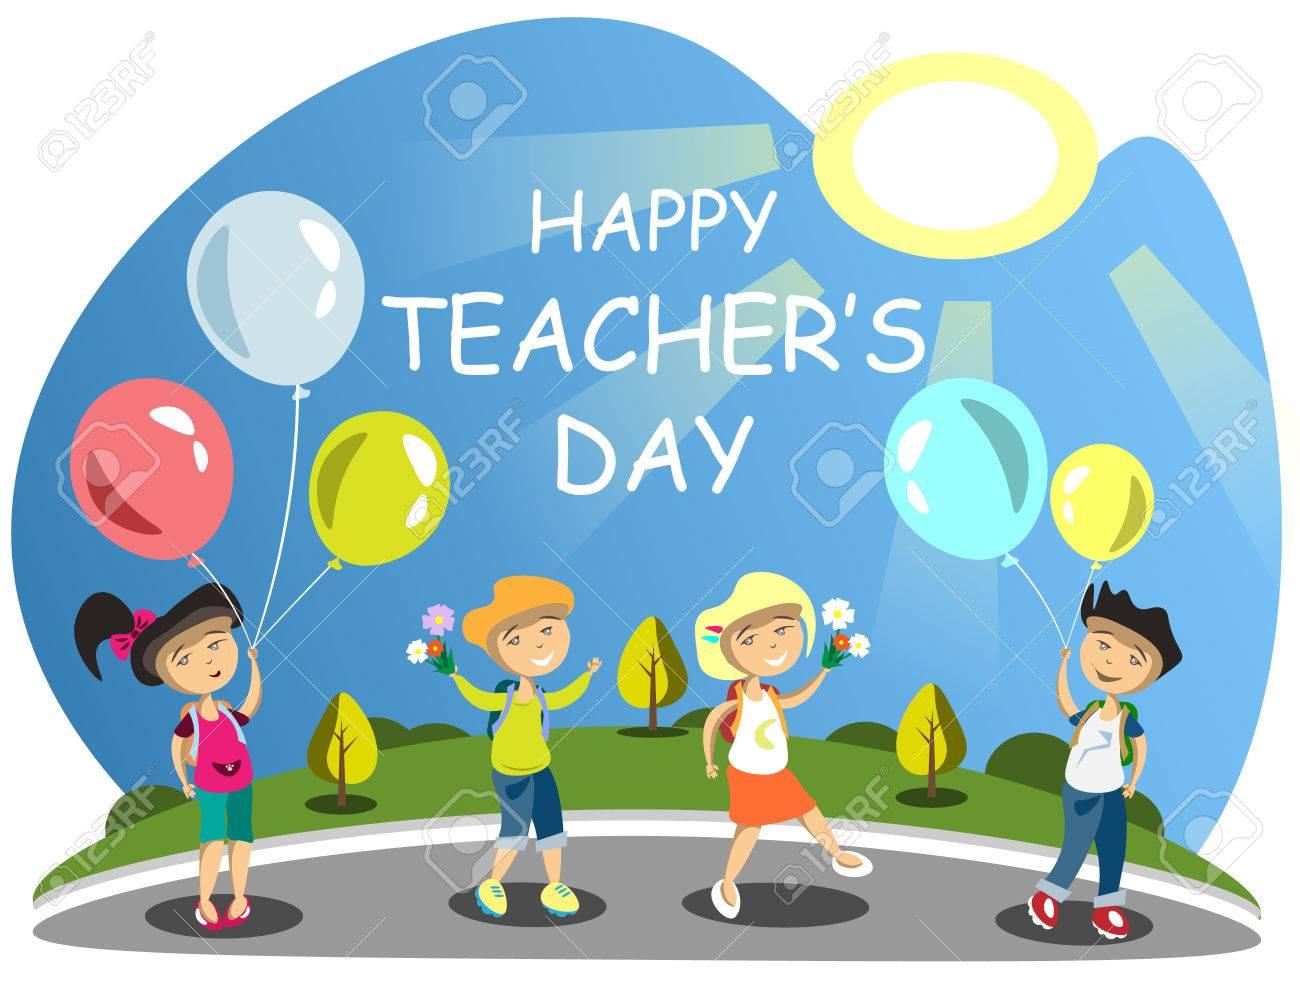 Teacher s Day Group of children giving flowers Balloons - 76355534